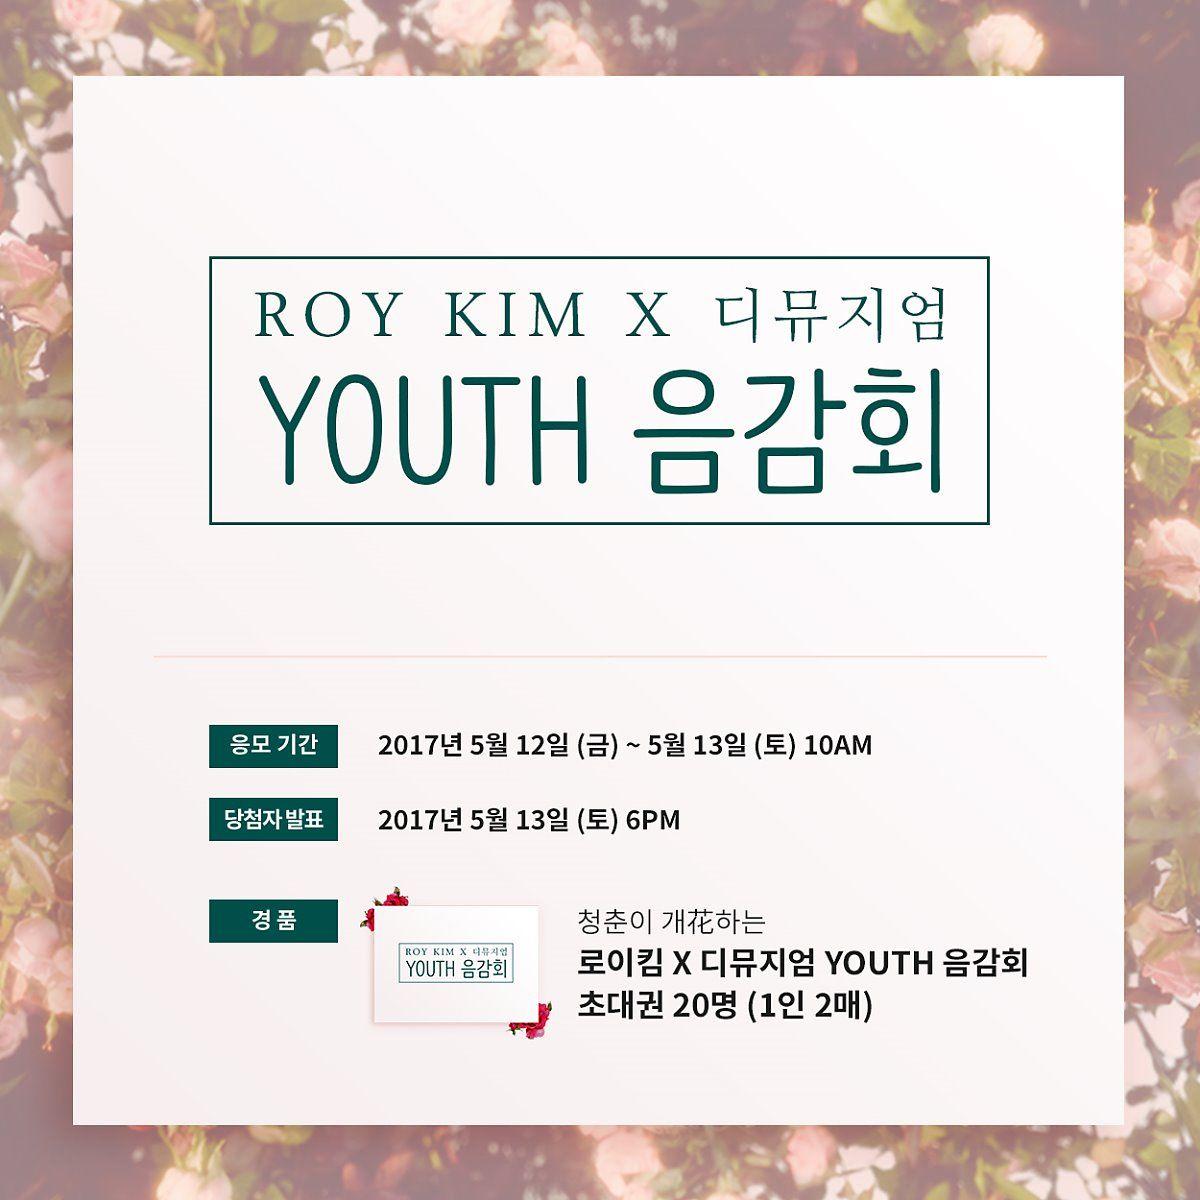 미니앨범 [開花期] 컴백 기념, 청춘이 개花하는 로이킴 YOUTH 음감회로 초대합니다! : 네이버 포스트